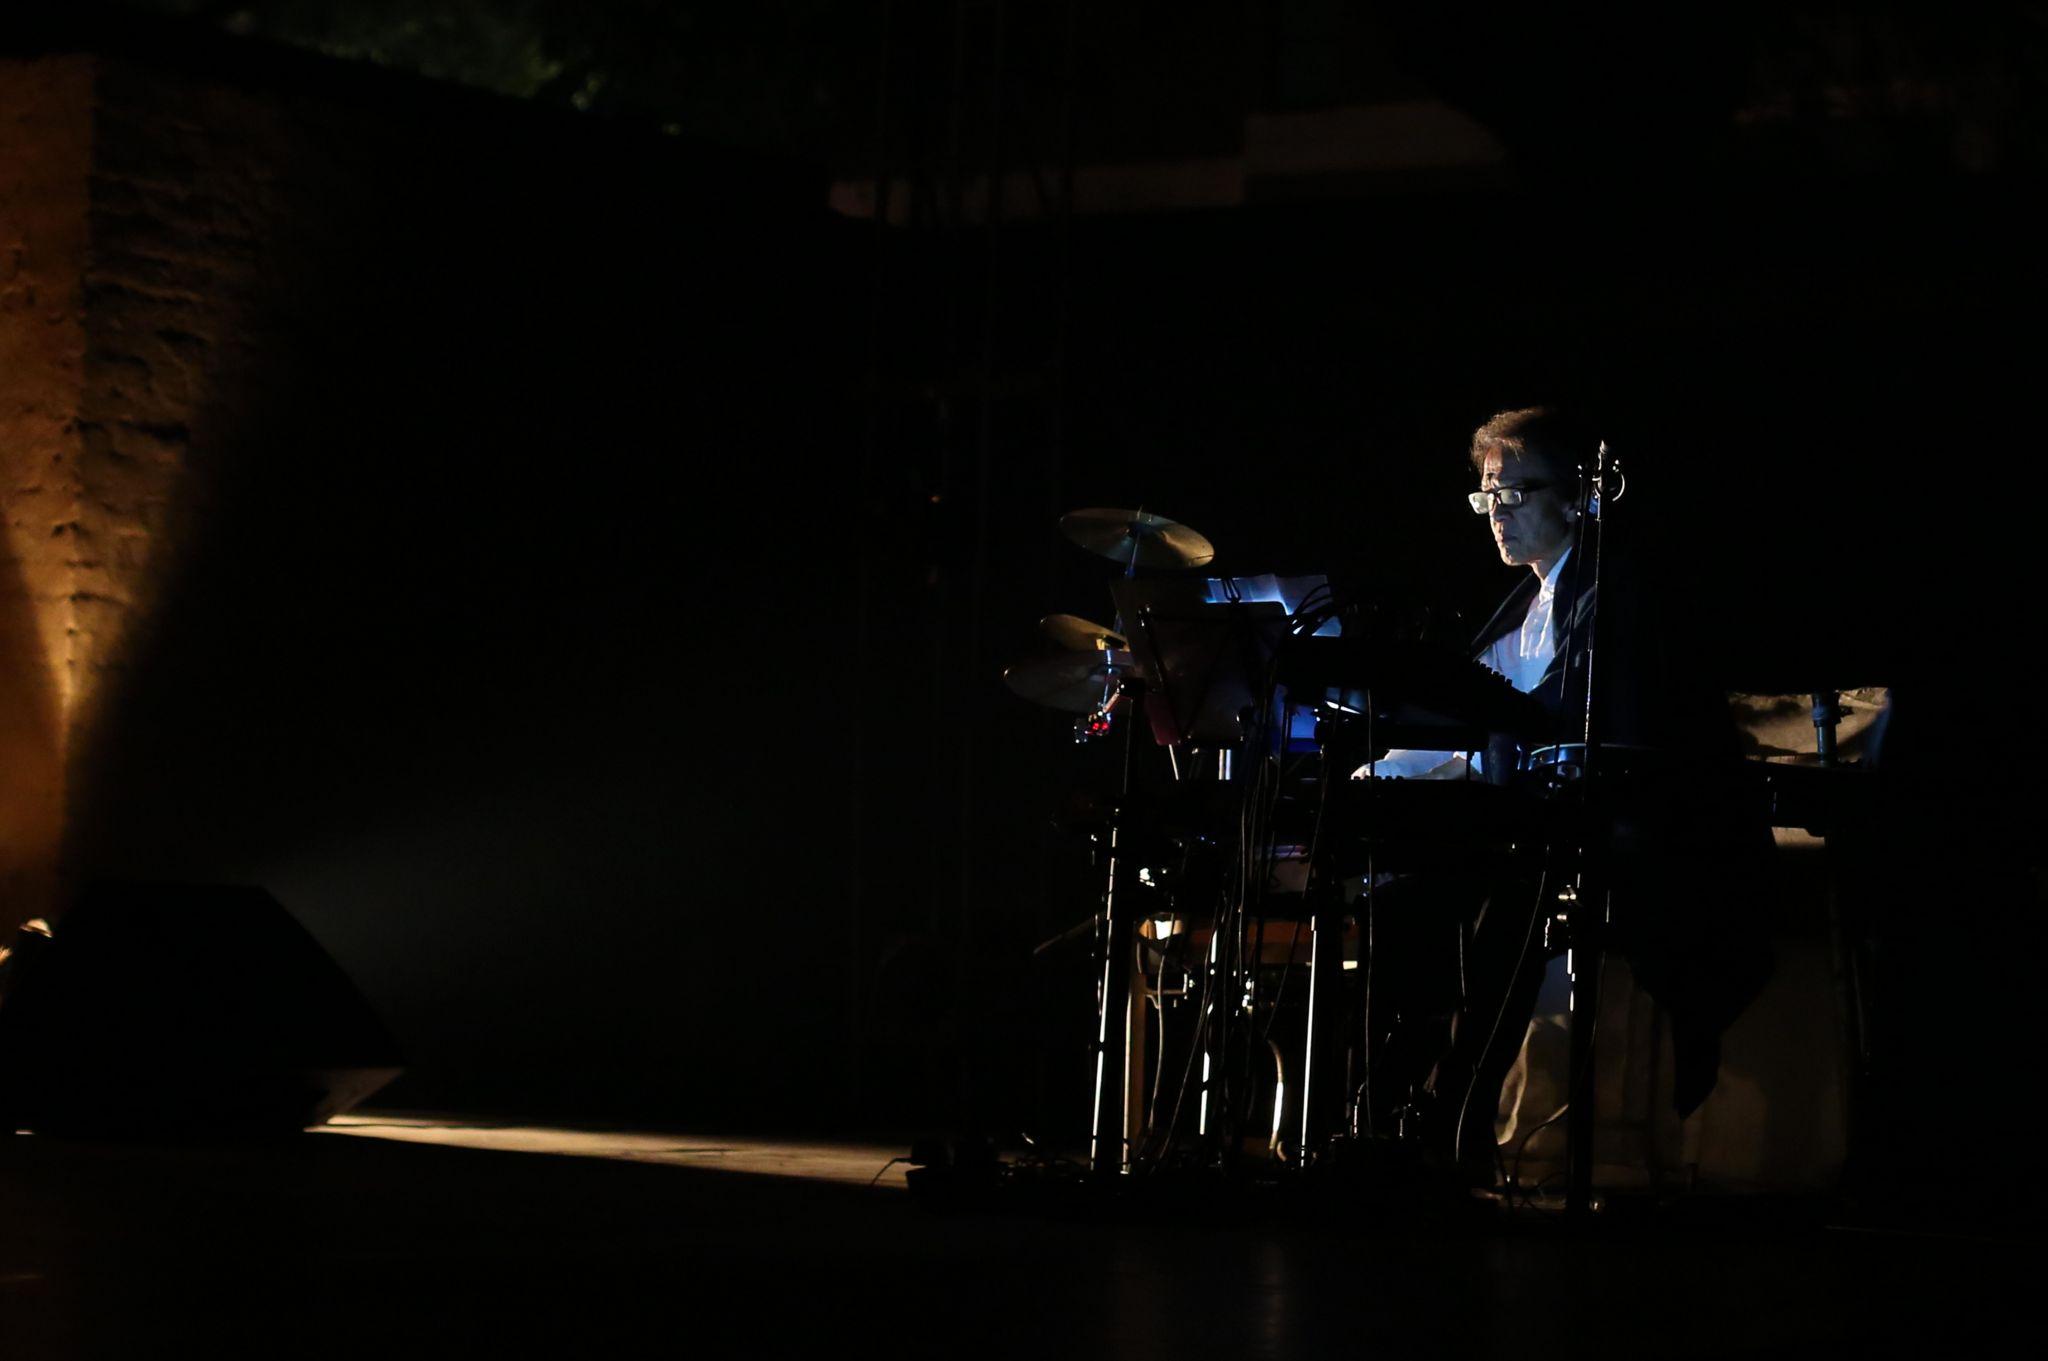 Astad Deboo on stage